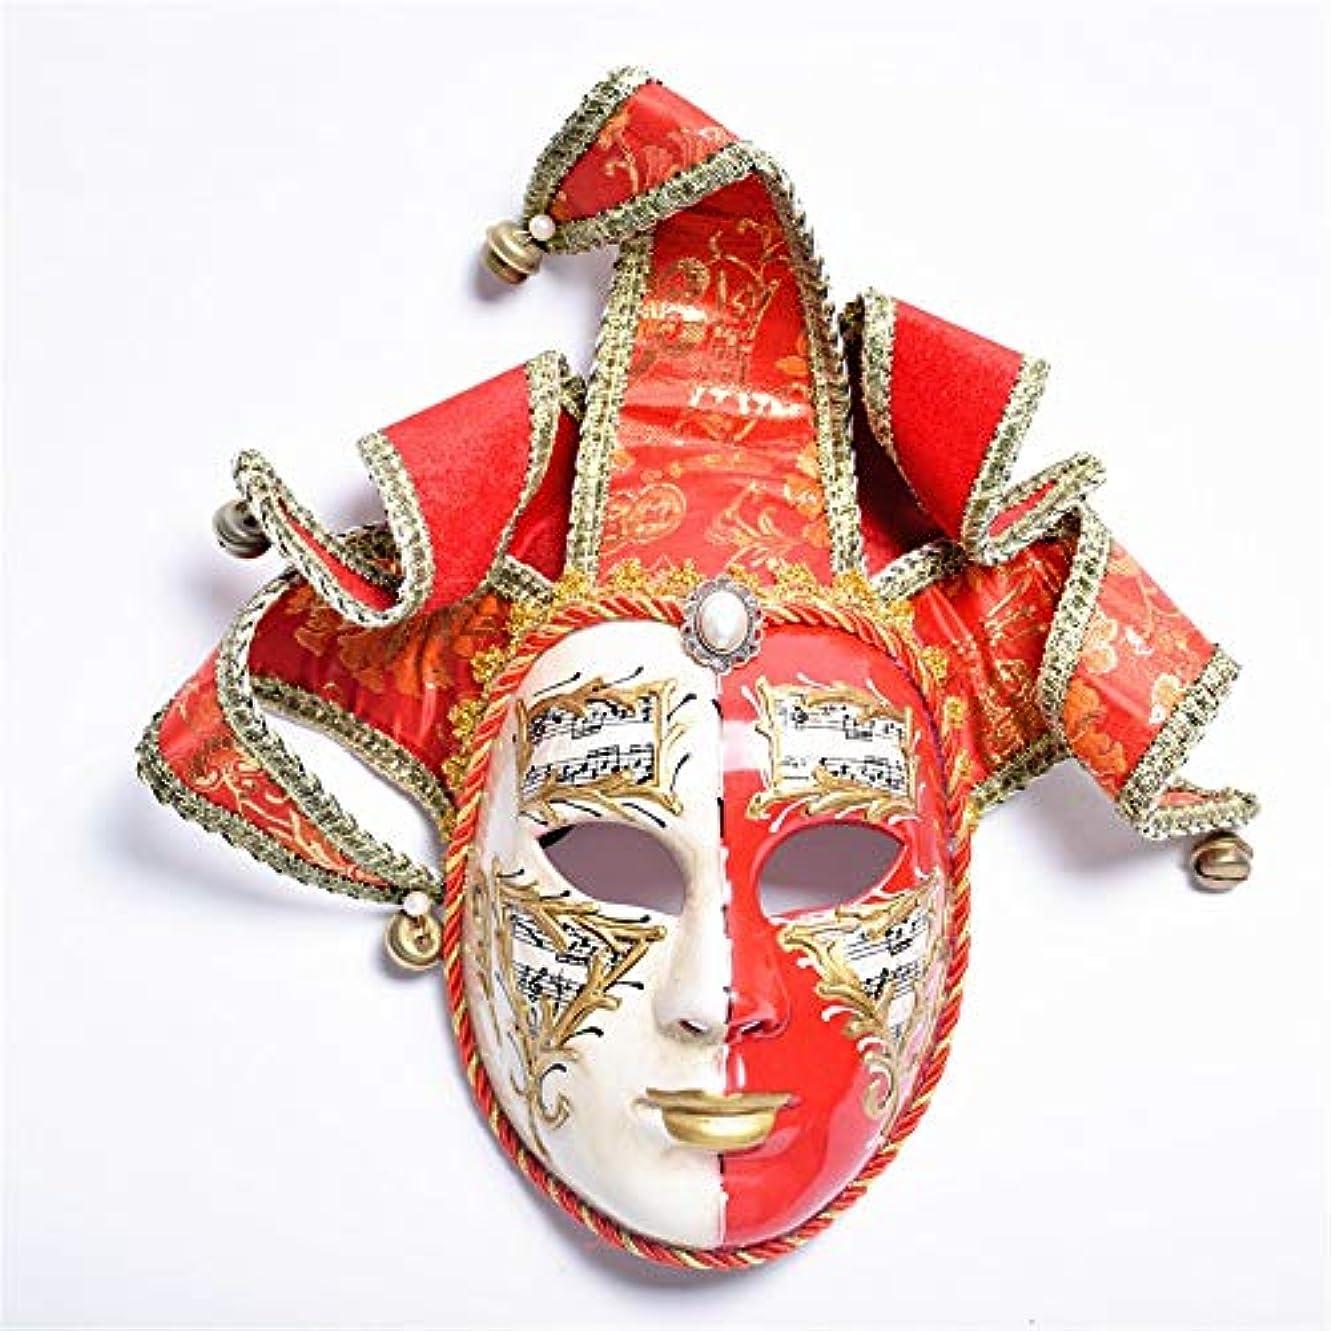 雪だるまを作るヘロイン共役ダンスマスク レッドゴールドマスク女性仮装パーティーナイトクラブロールプレイング装飾プラスチックマスク ホリデーパーティー用品 (色 : Red+Gold, サイズ : 33x31cm)